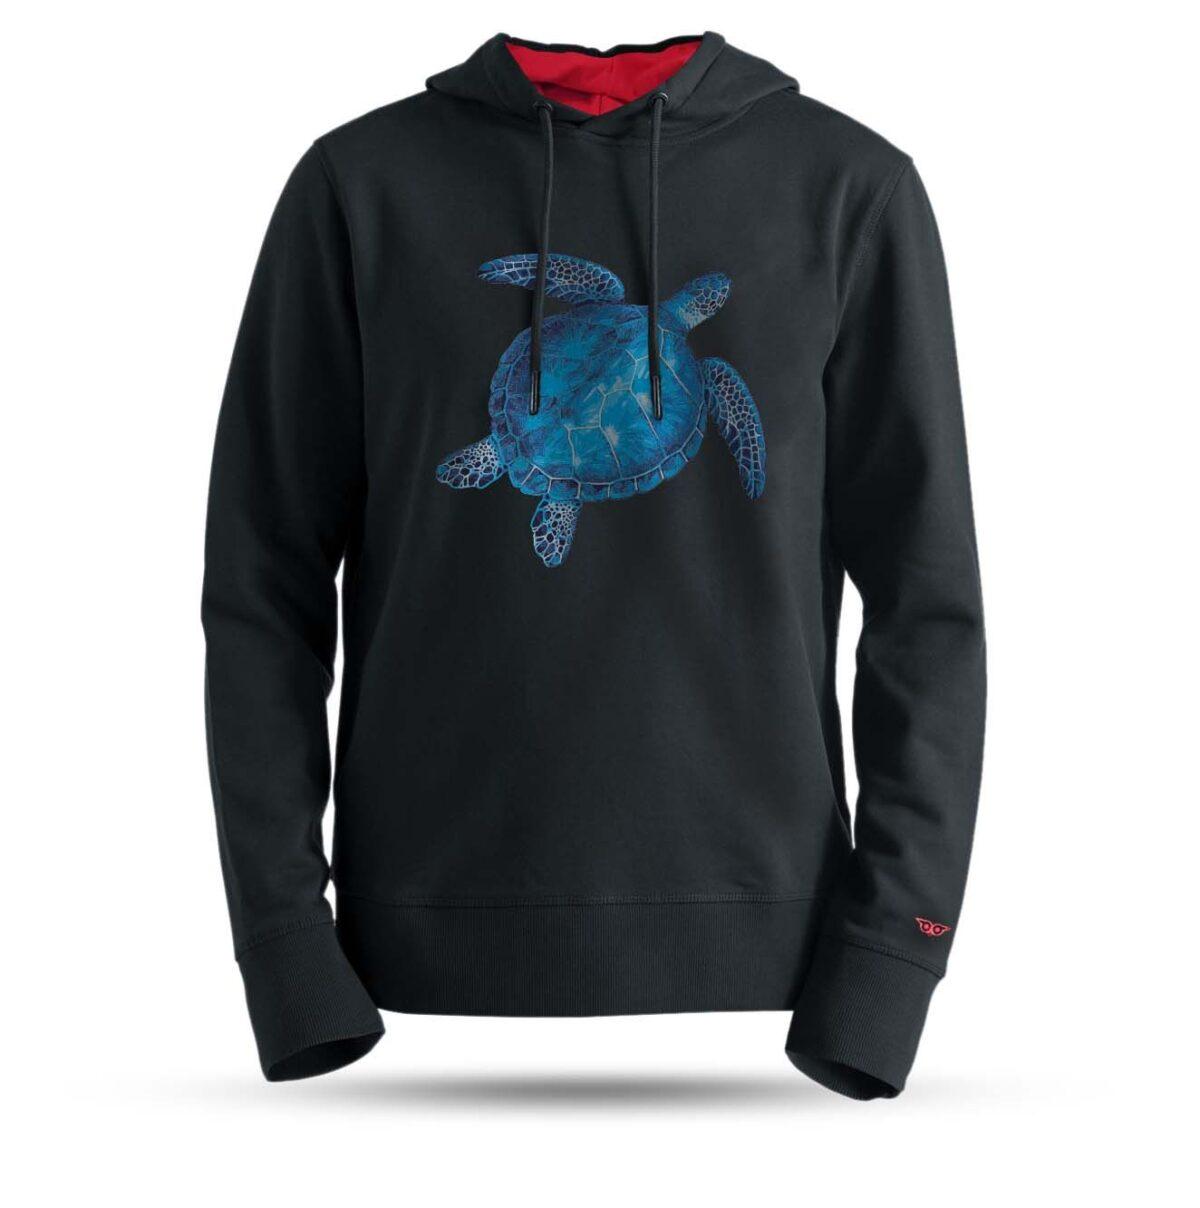 arrzz-tasarim-kapsonlu-sweatshirt-mavi-kaplumbaga